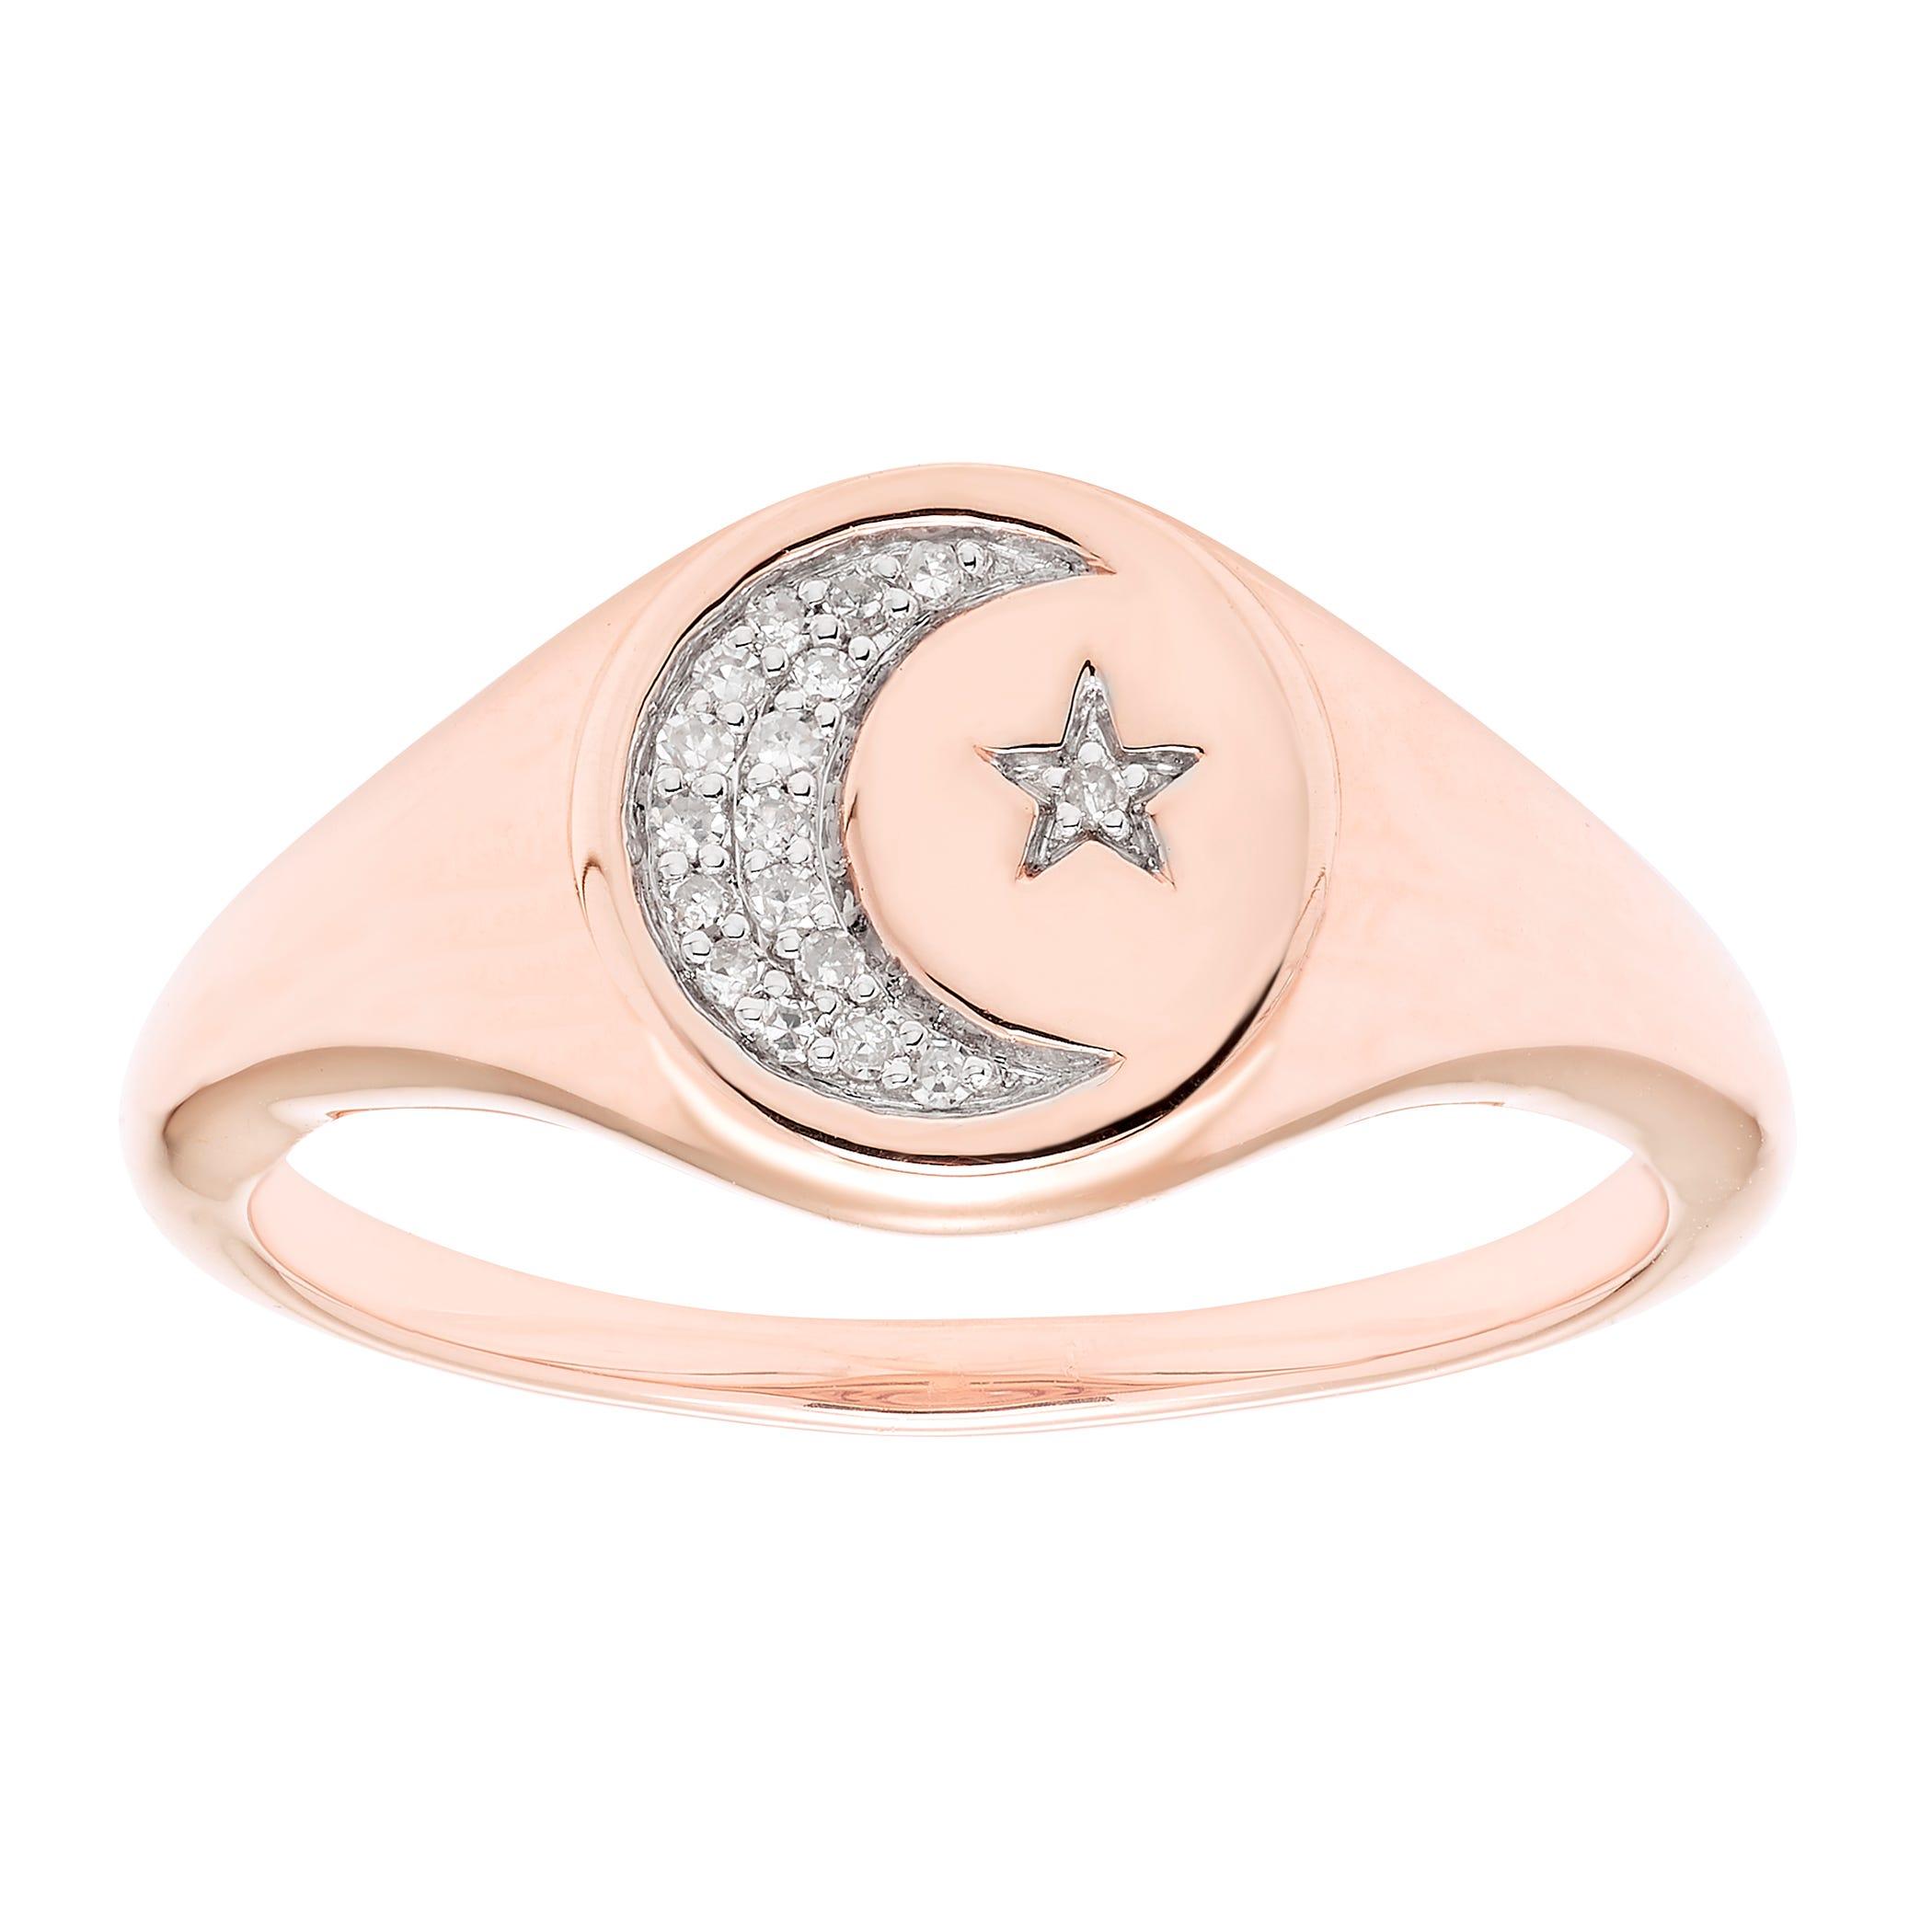 Diamond Celestial Signet Ring in 14k Rose Gold